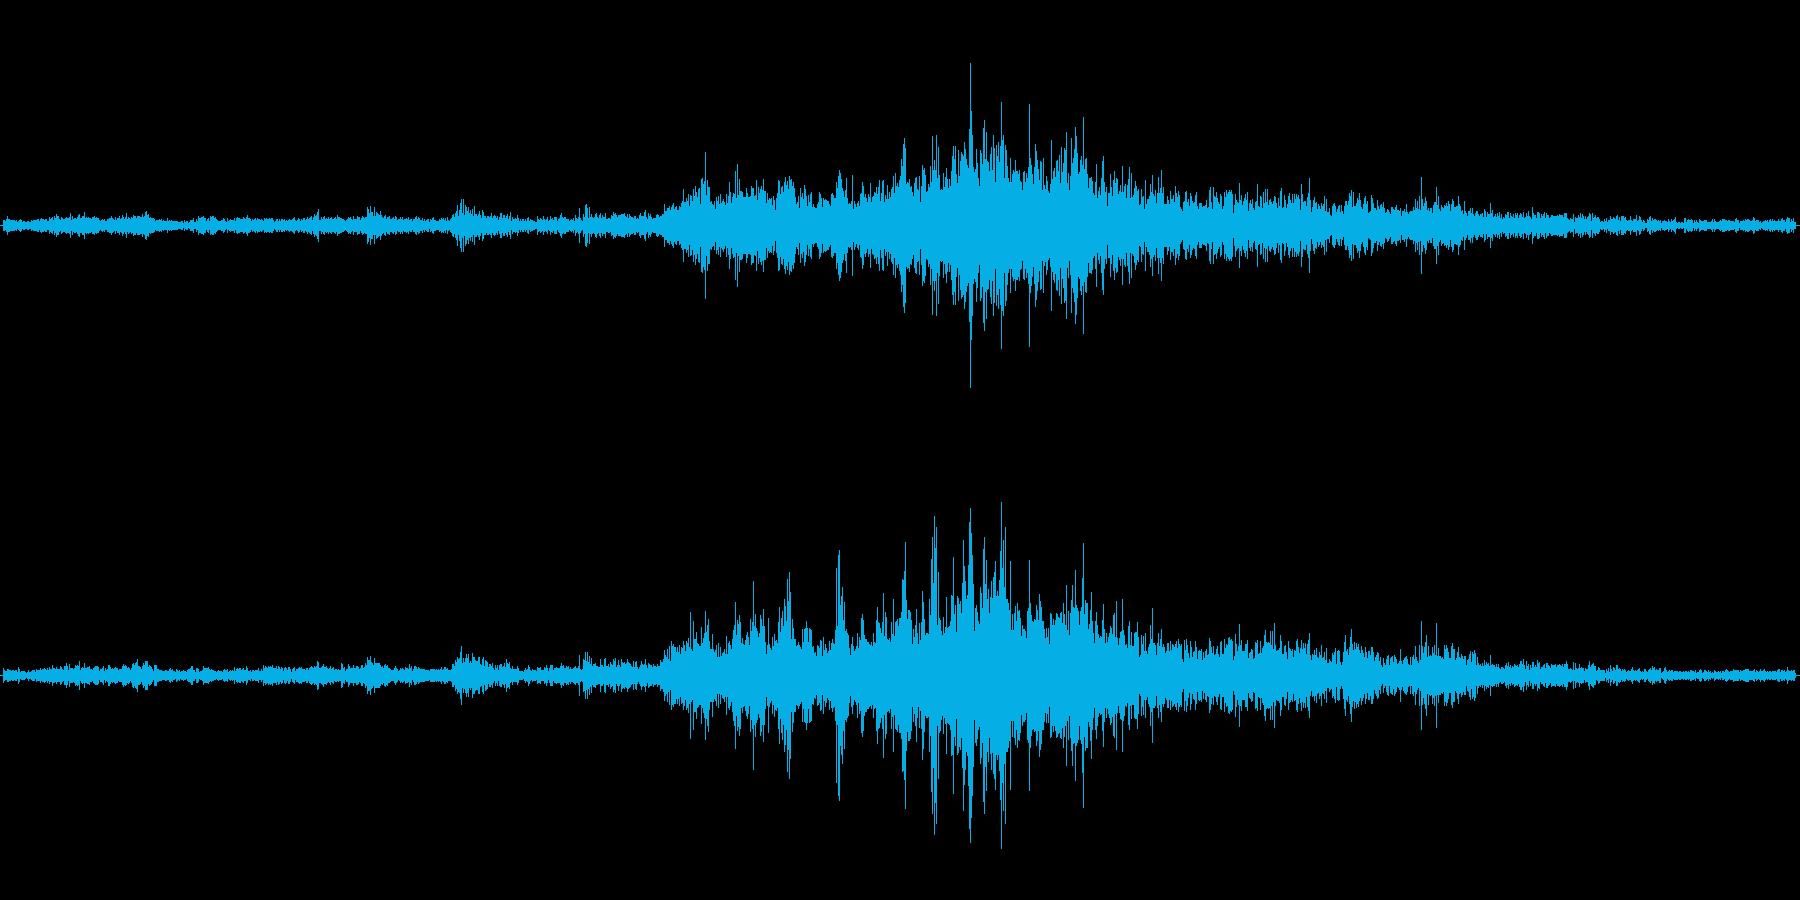 バイノーラル録音戦闘機2の再生済みの波形